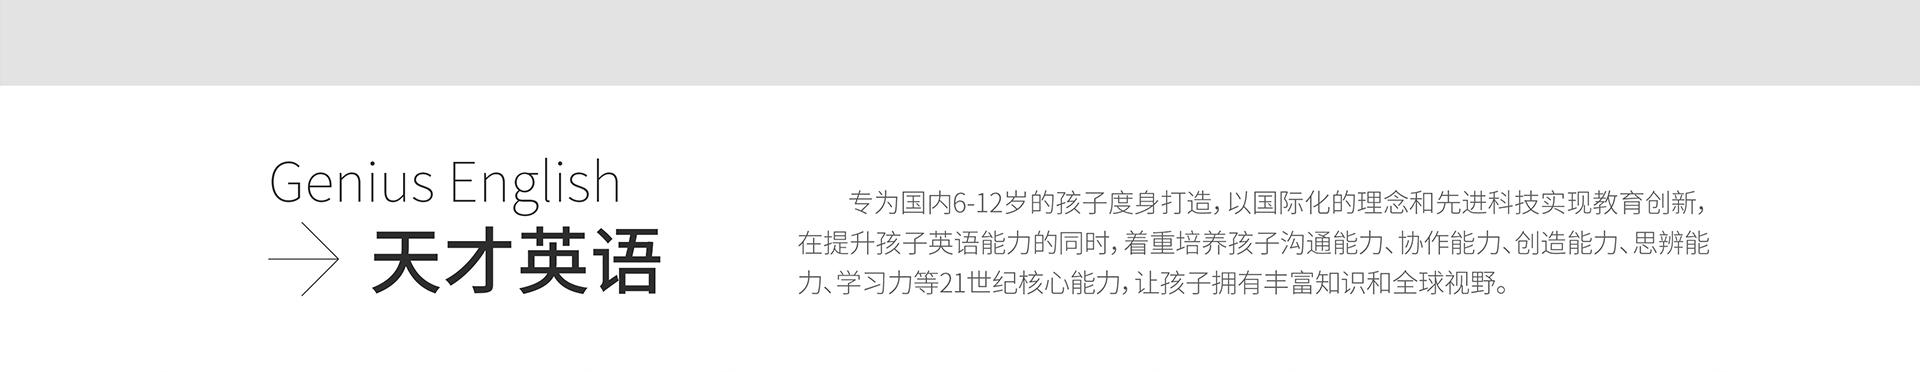 青鸟园丁学习馆qnyd_09